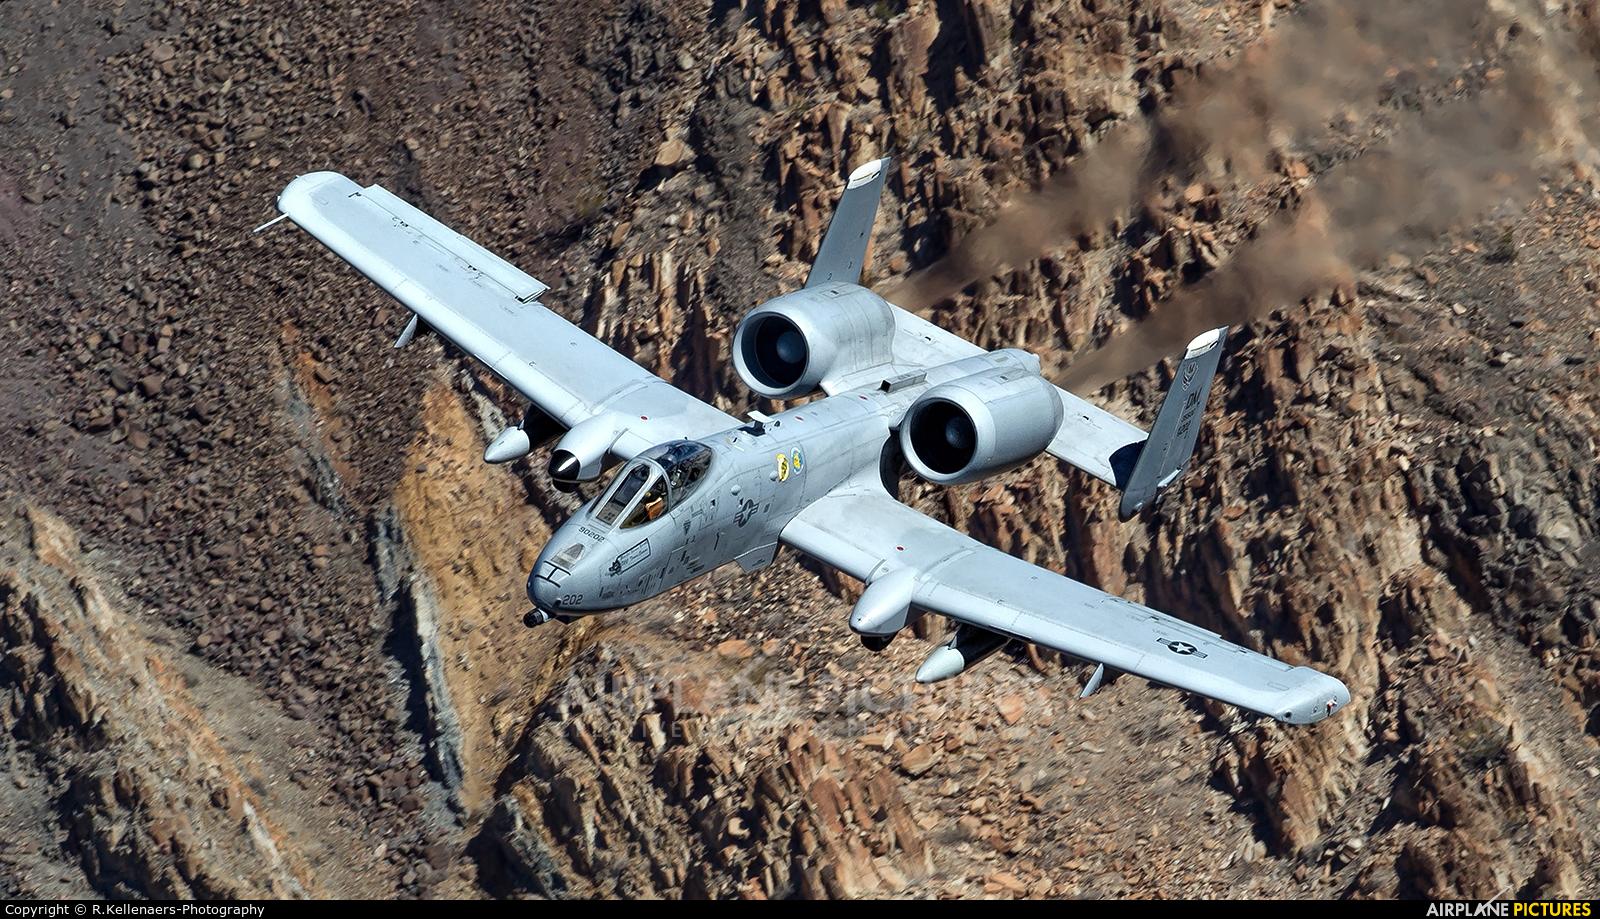 USA - Air Force 79-0202 aircraft at Rainbow Canyon - Off Airport